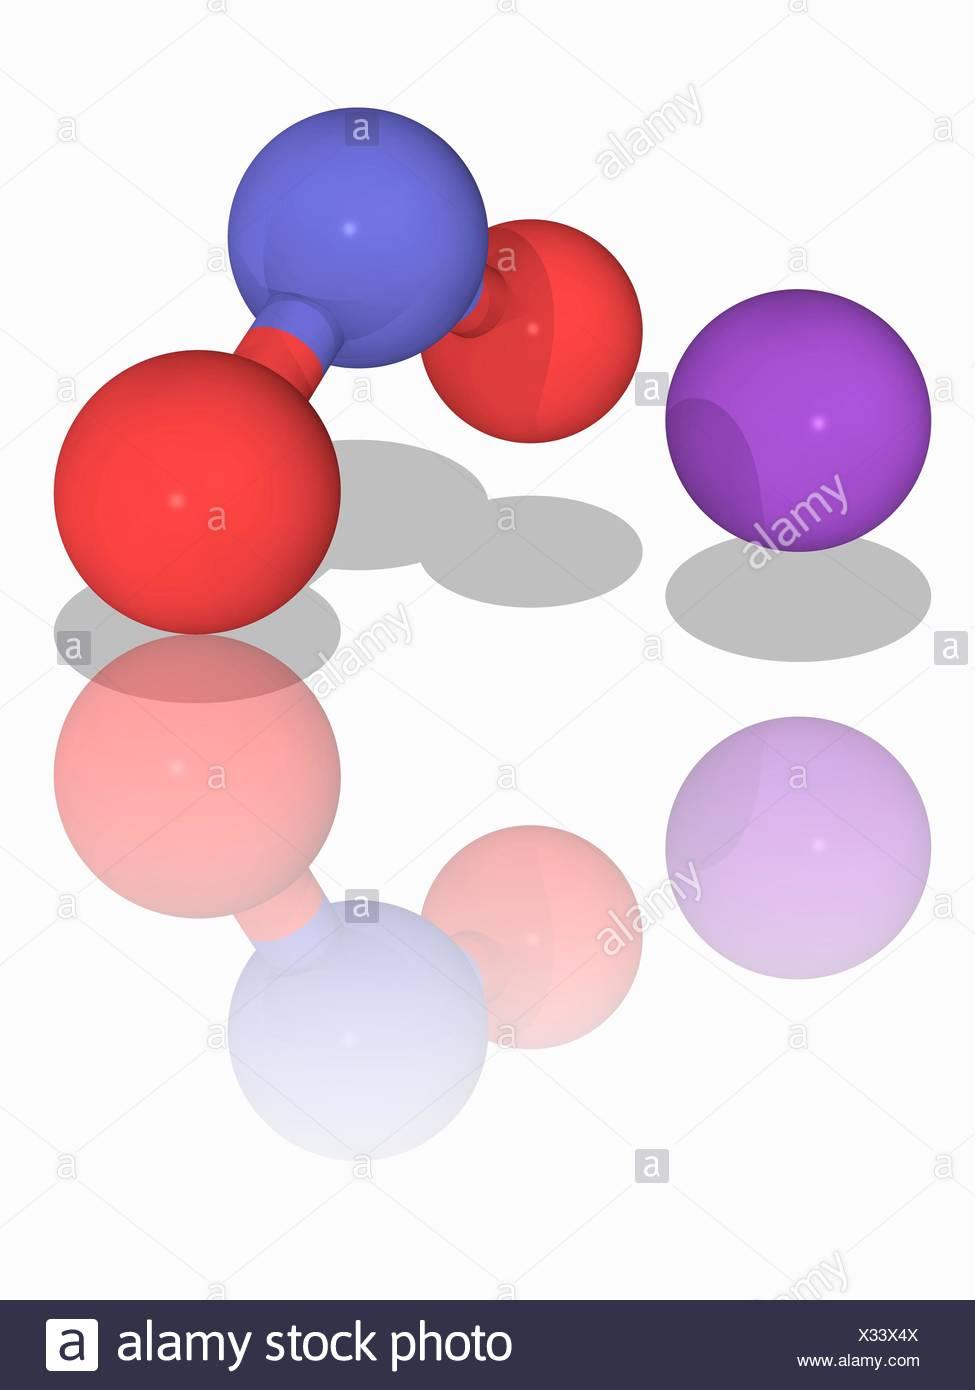 Natriumnitrit Molekulares Modell Des Anorganischen